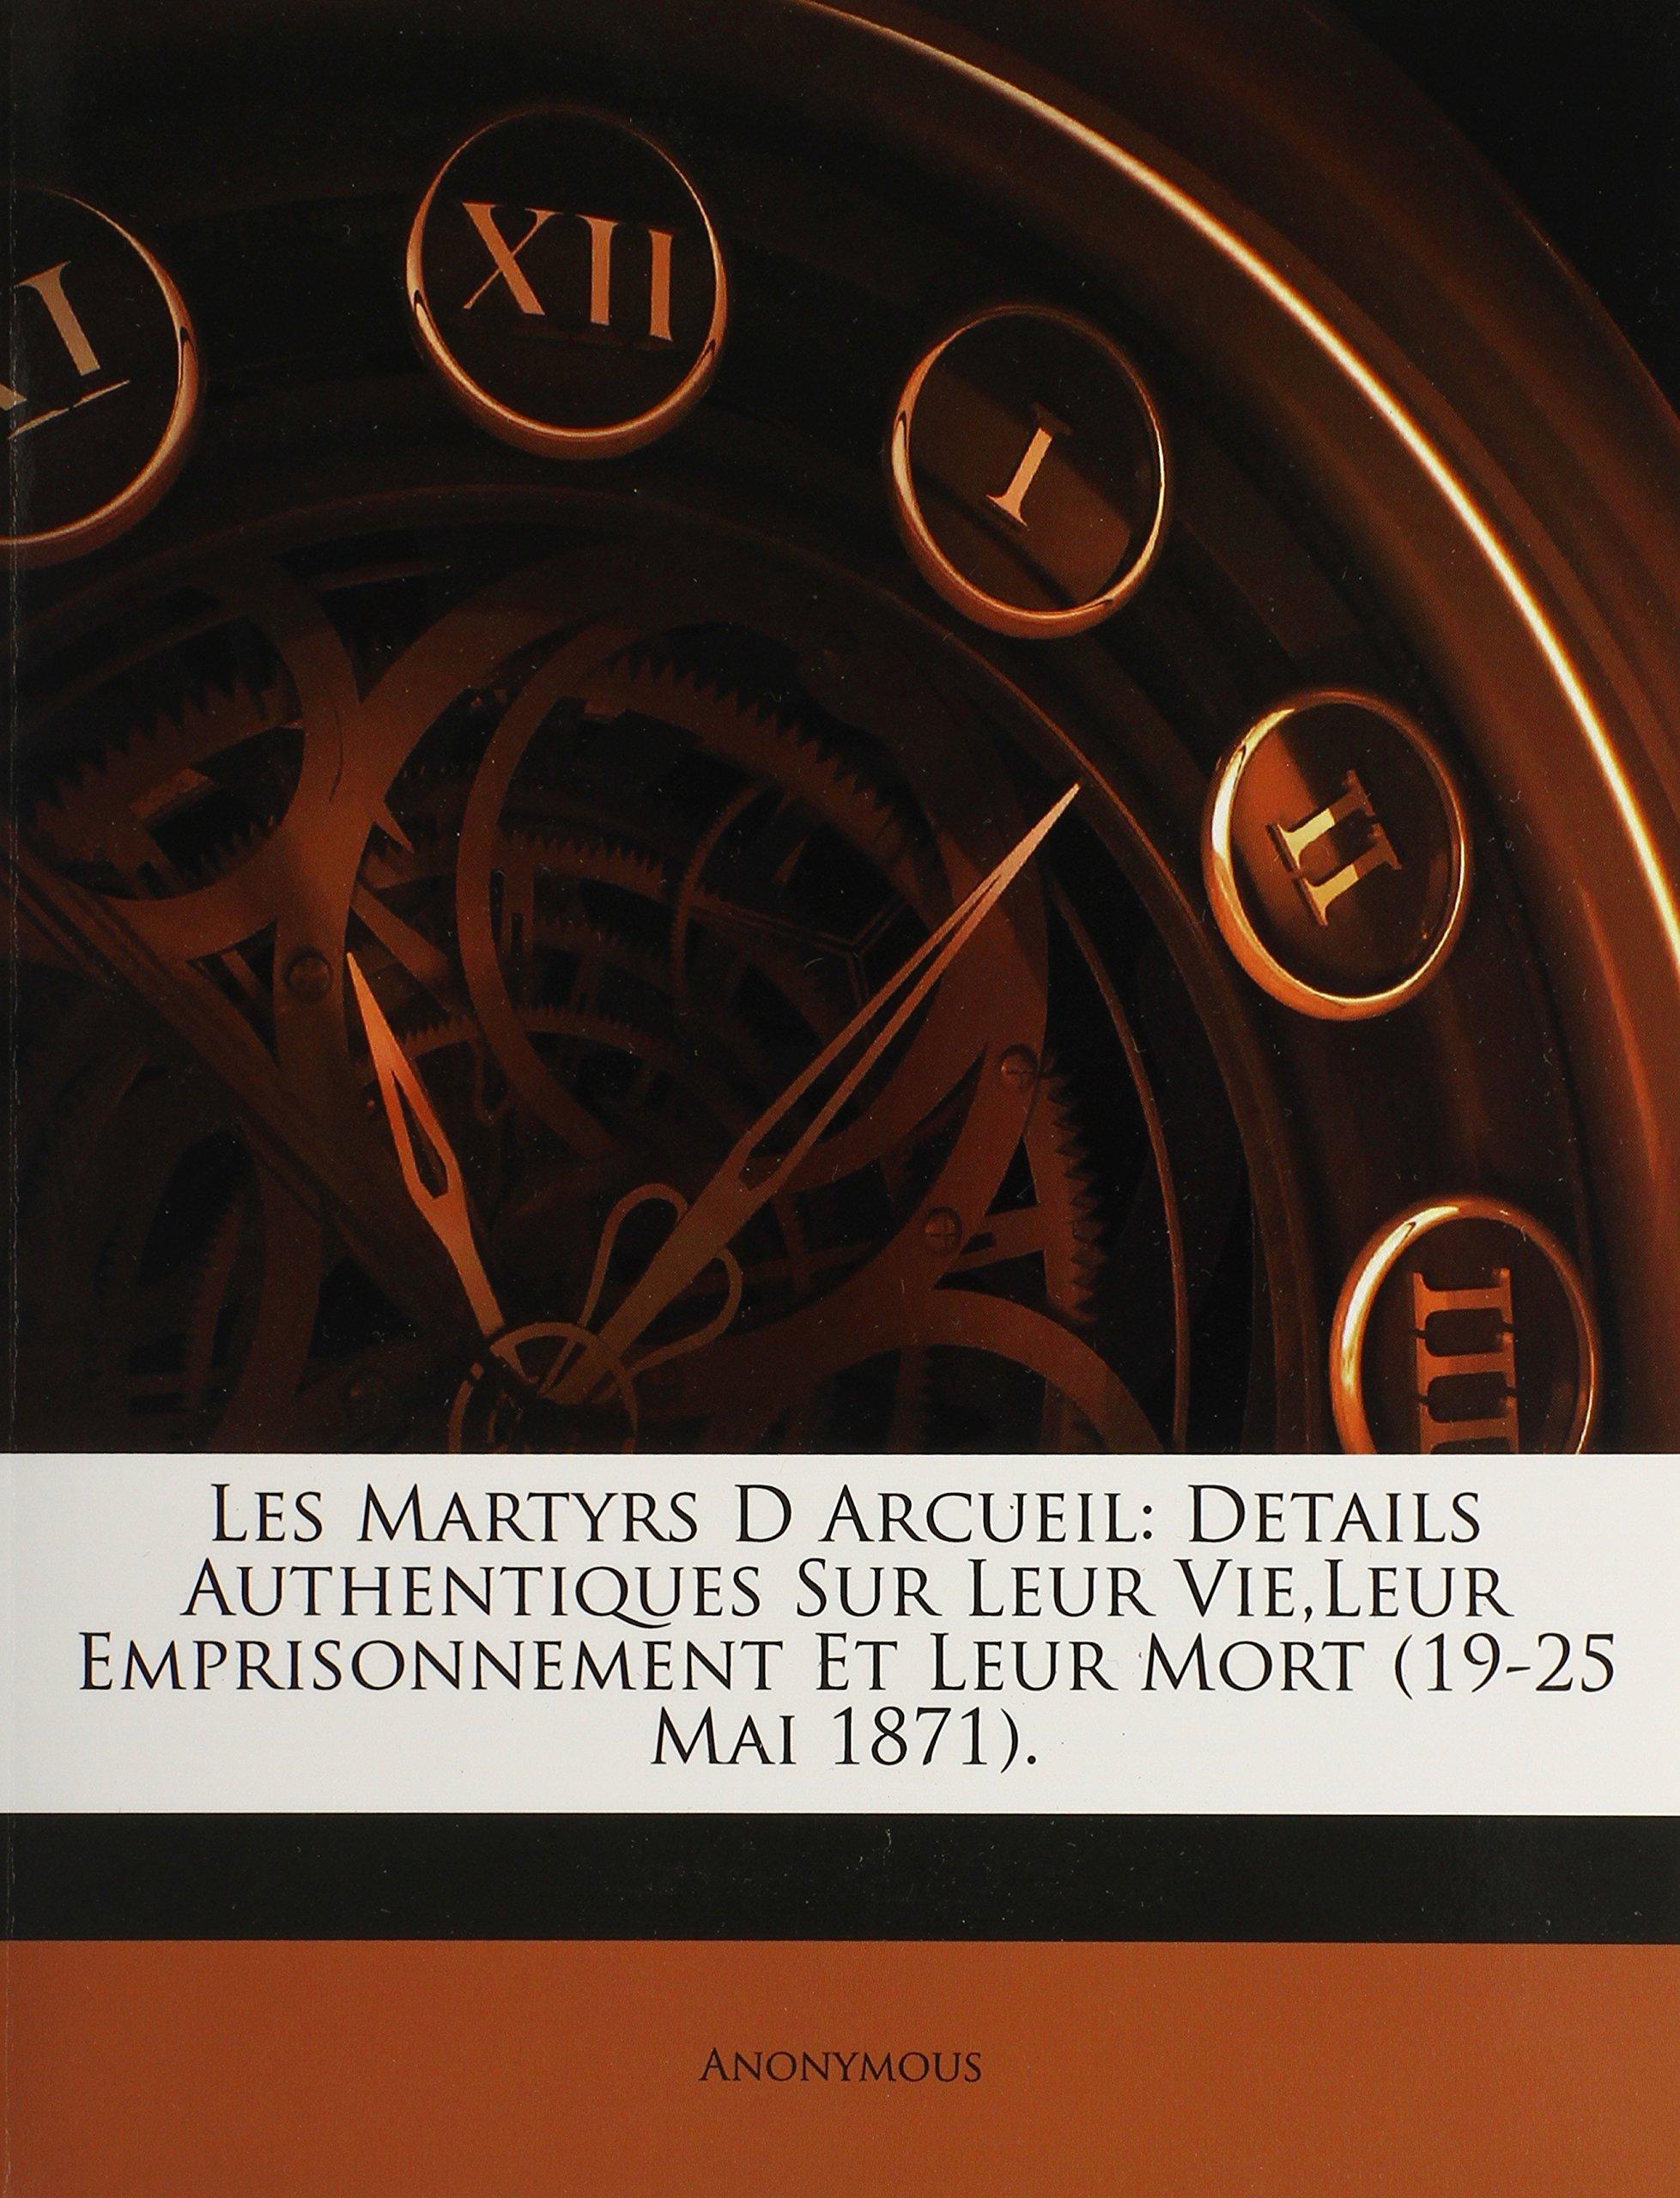 Les Martyrs D Arcueil: Details Authentiques Sur Leur Vie,Leur Emprisonnement Et Leur Mort (19-25 Mai 1871). (French Edition) pdf epub